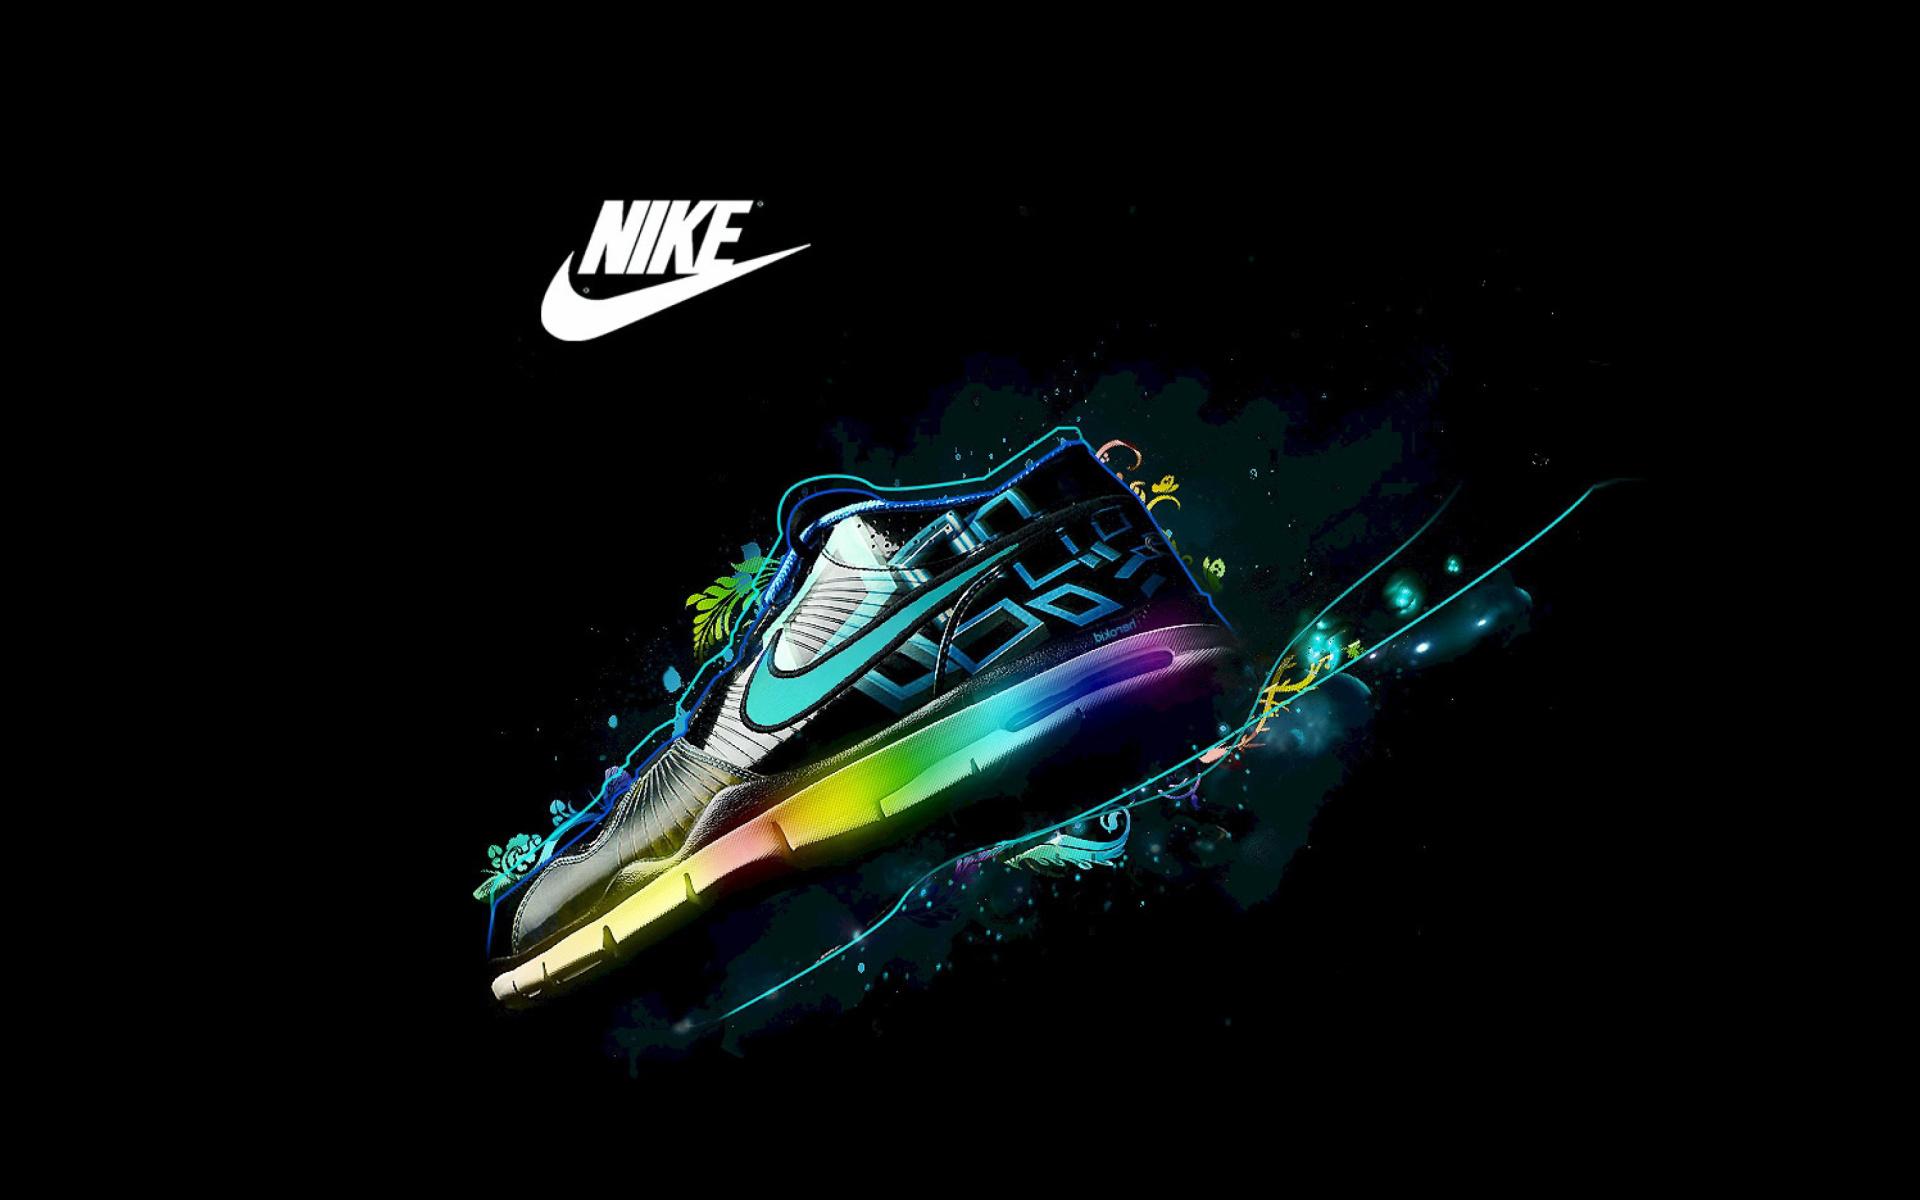 Mejores 100 Fondos De Nike: Nike Logo And Nike Air Shoes